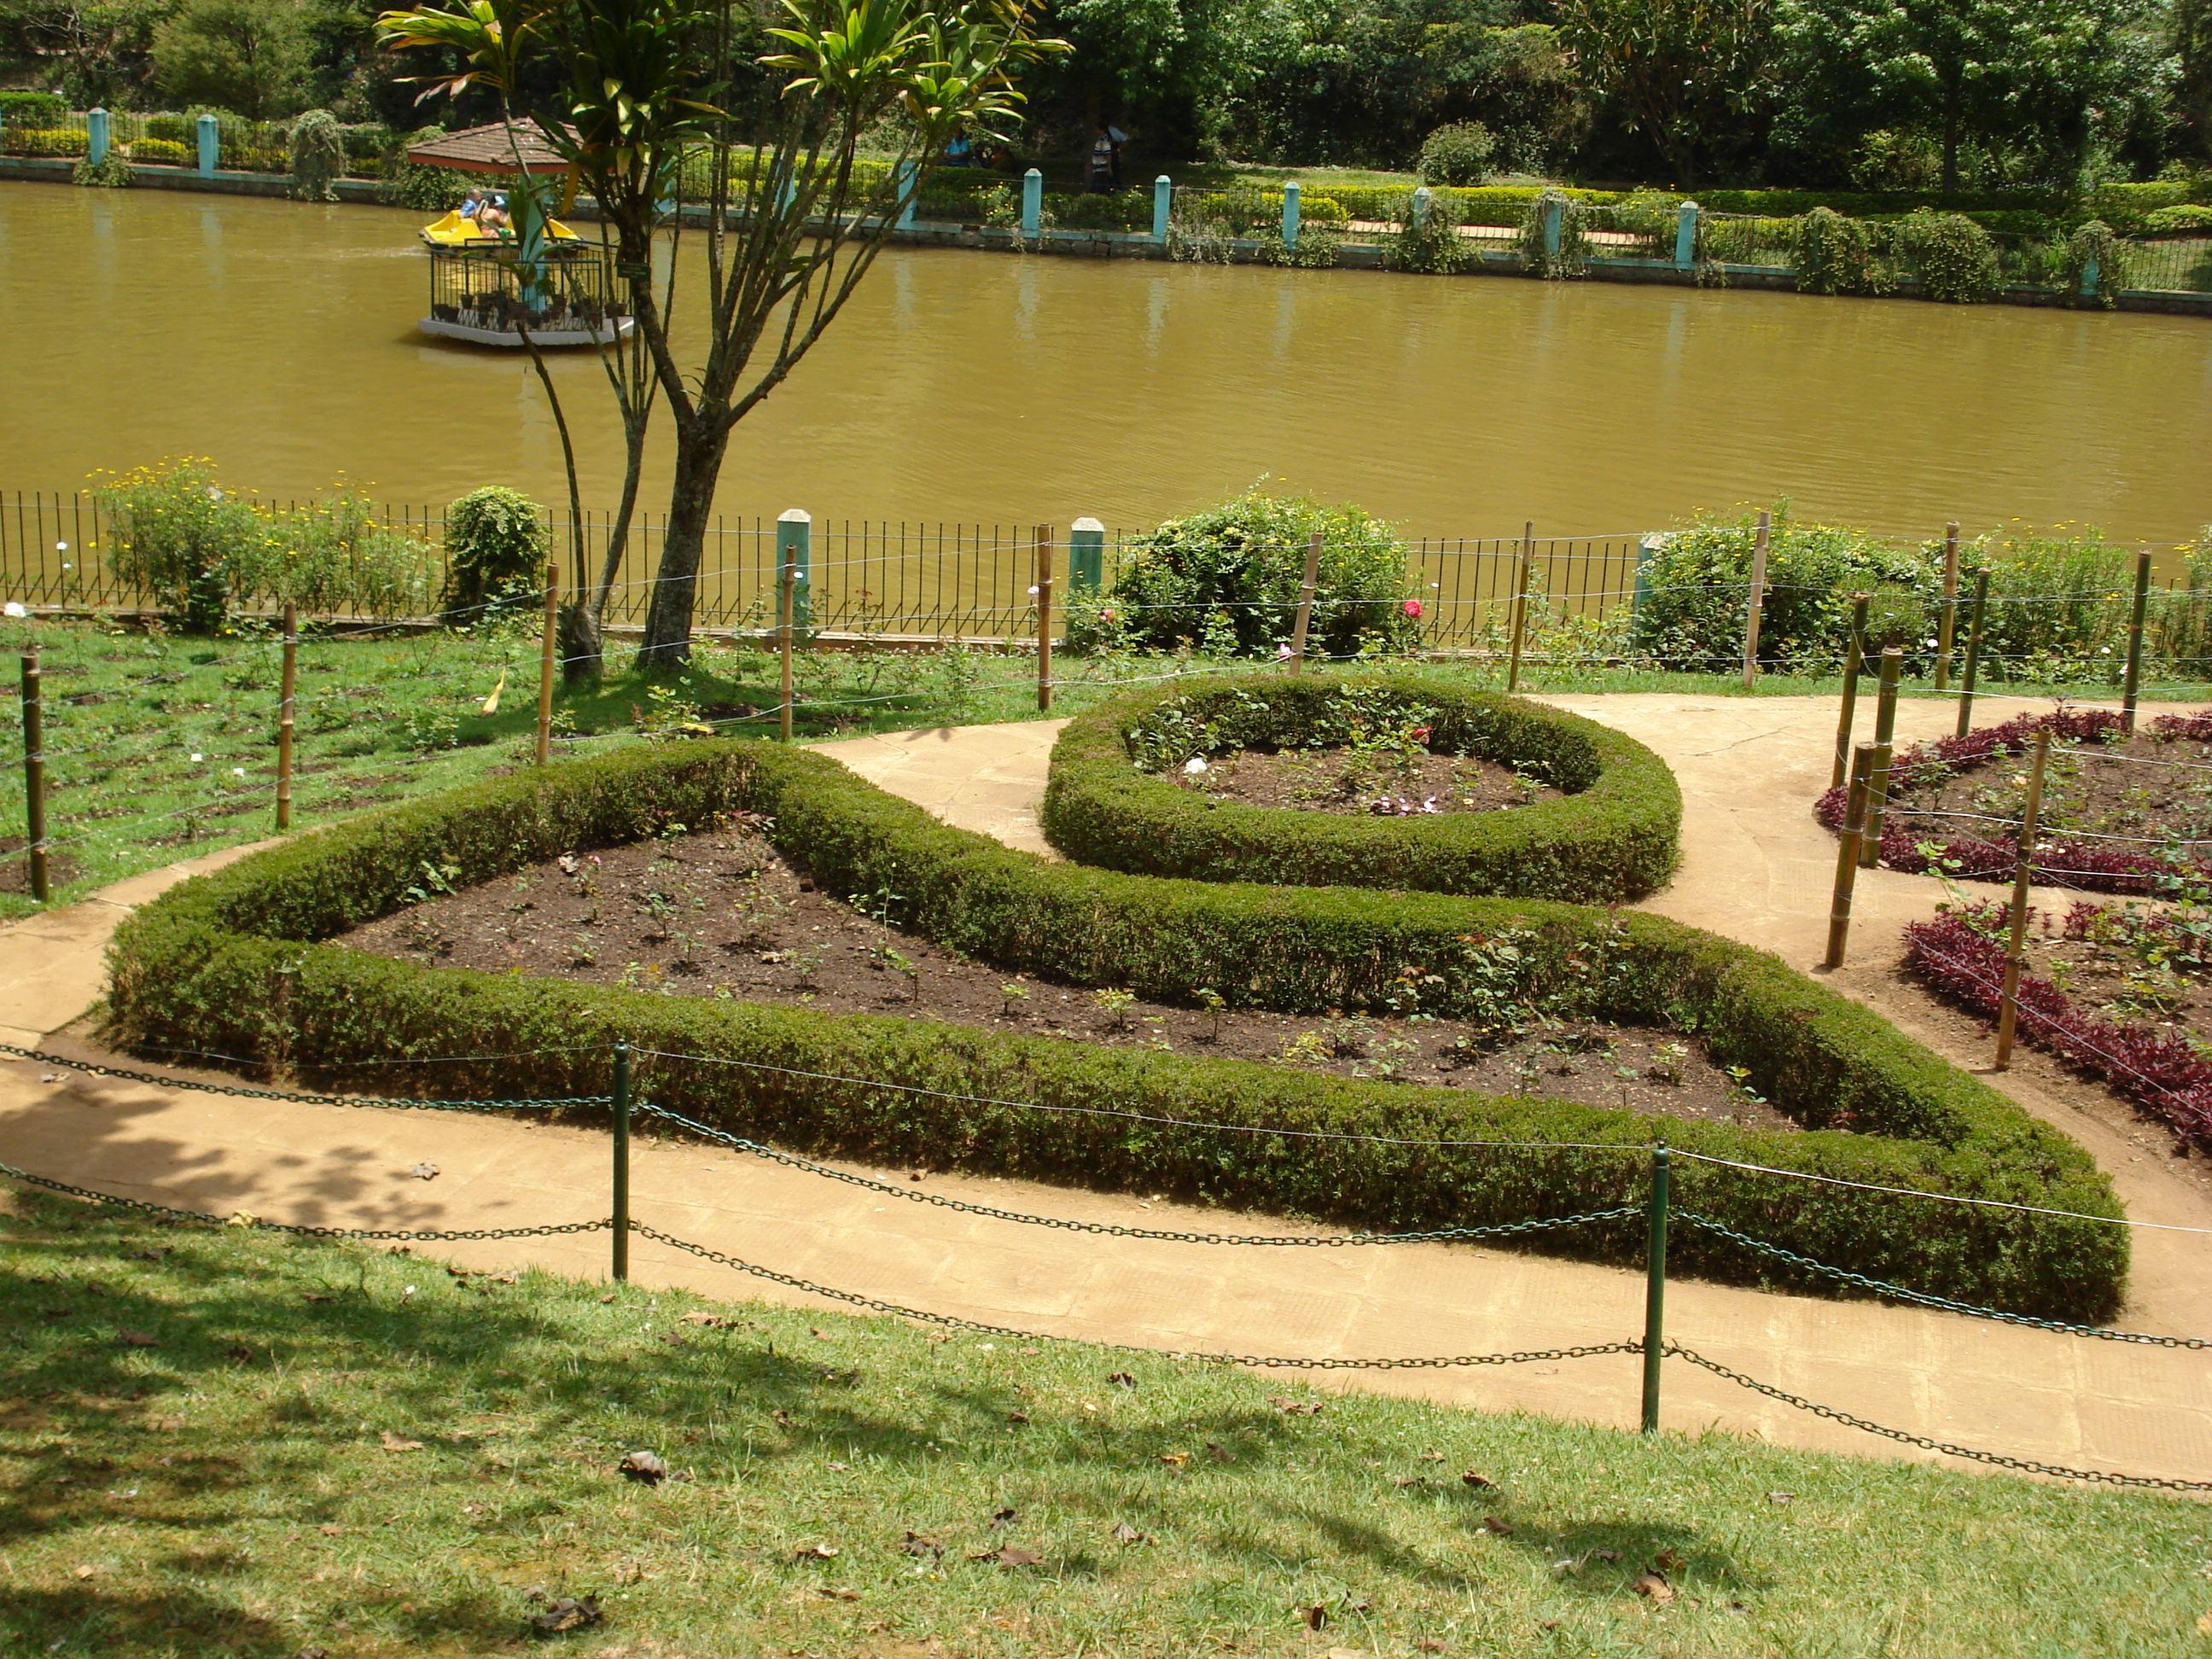 Gartendesign  File:Garten-Design bei Sim's Park, Coonoor.JPG - Wikimedia Commons